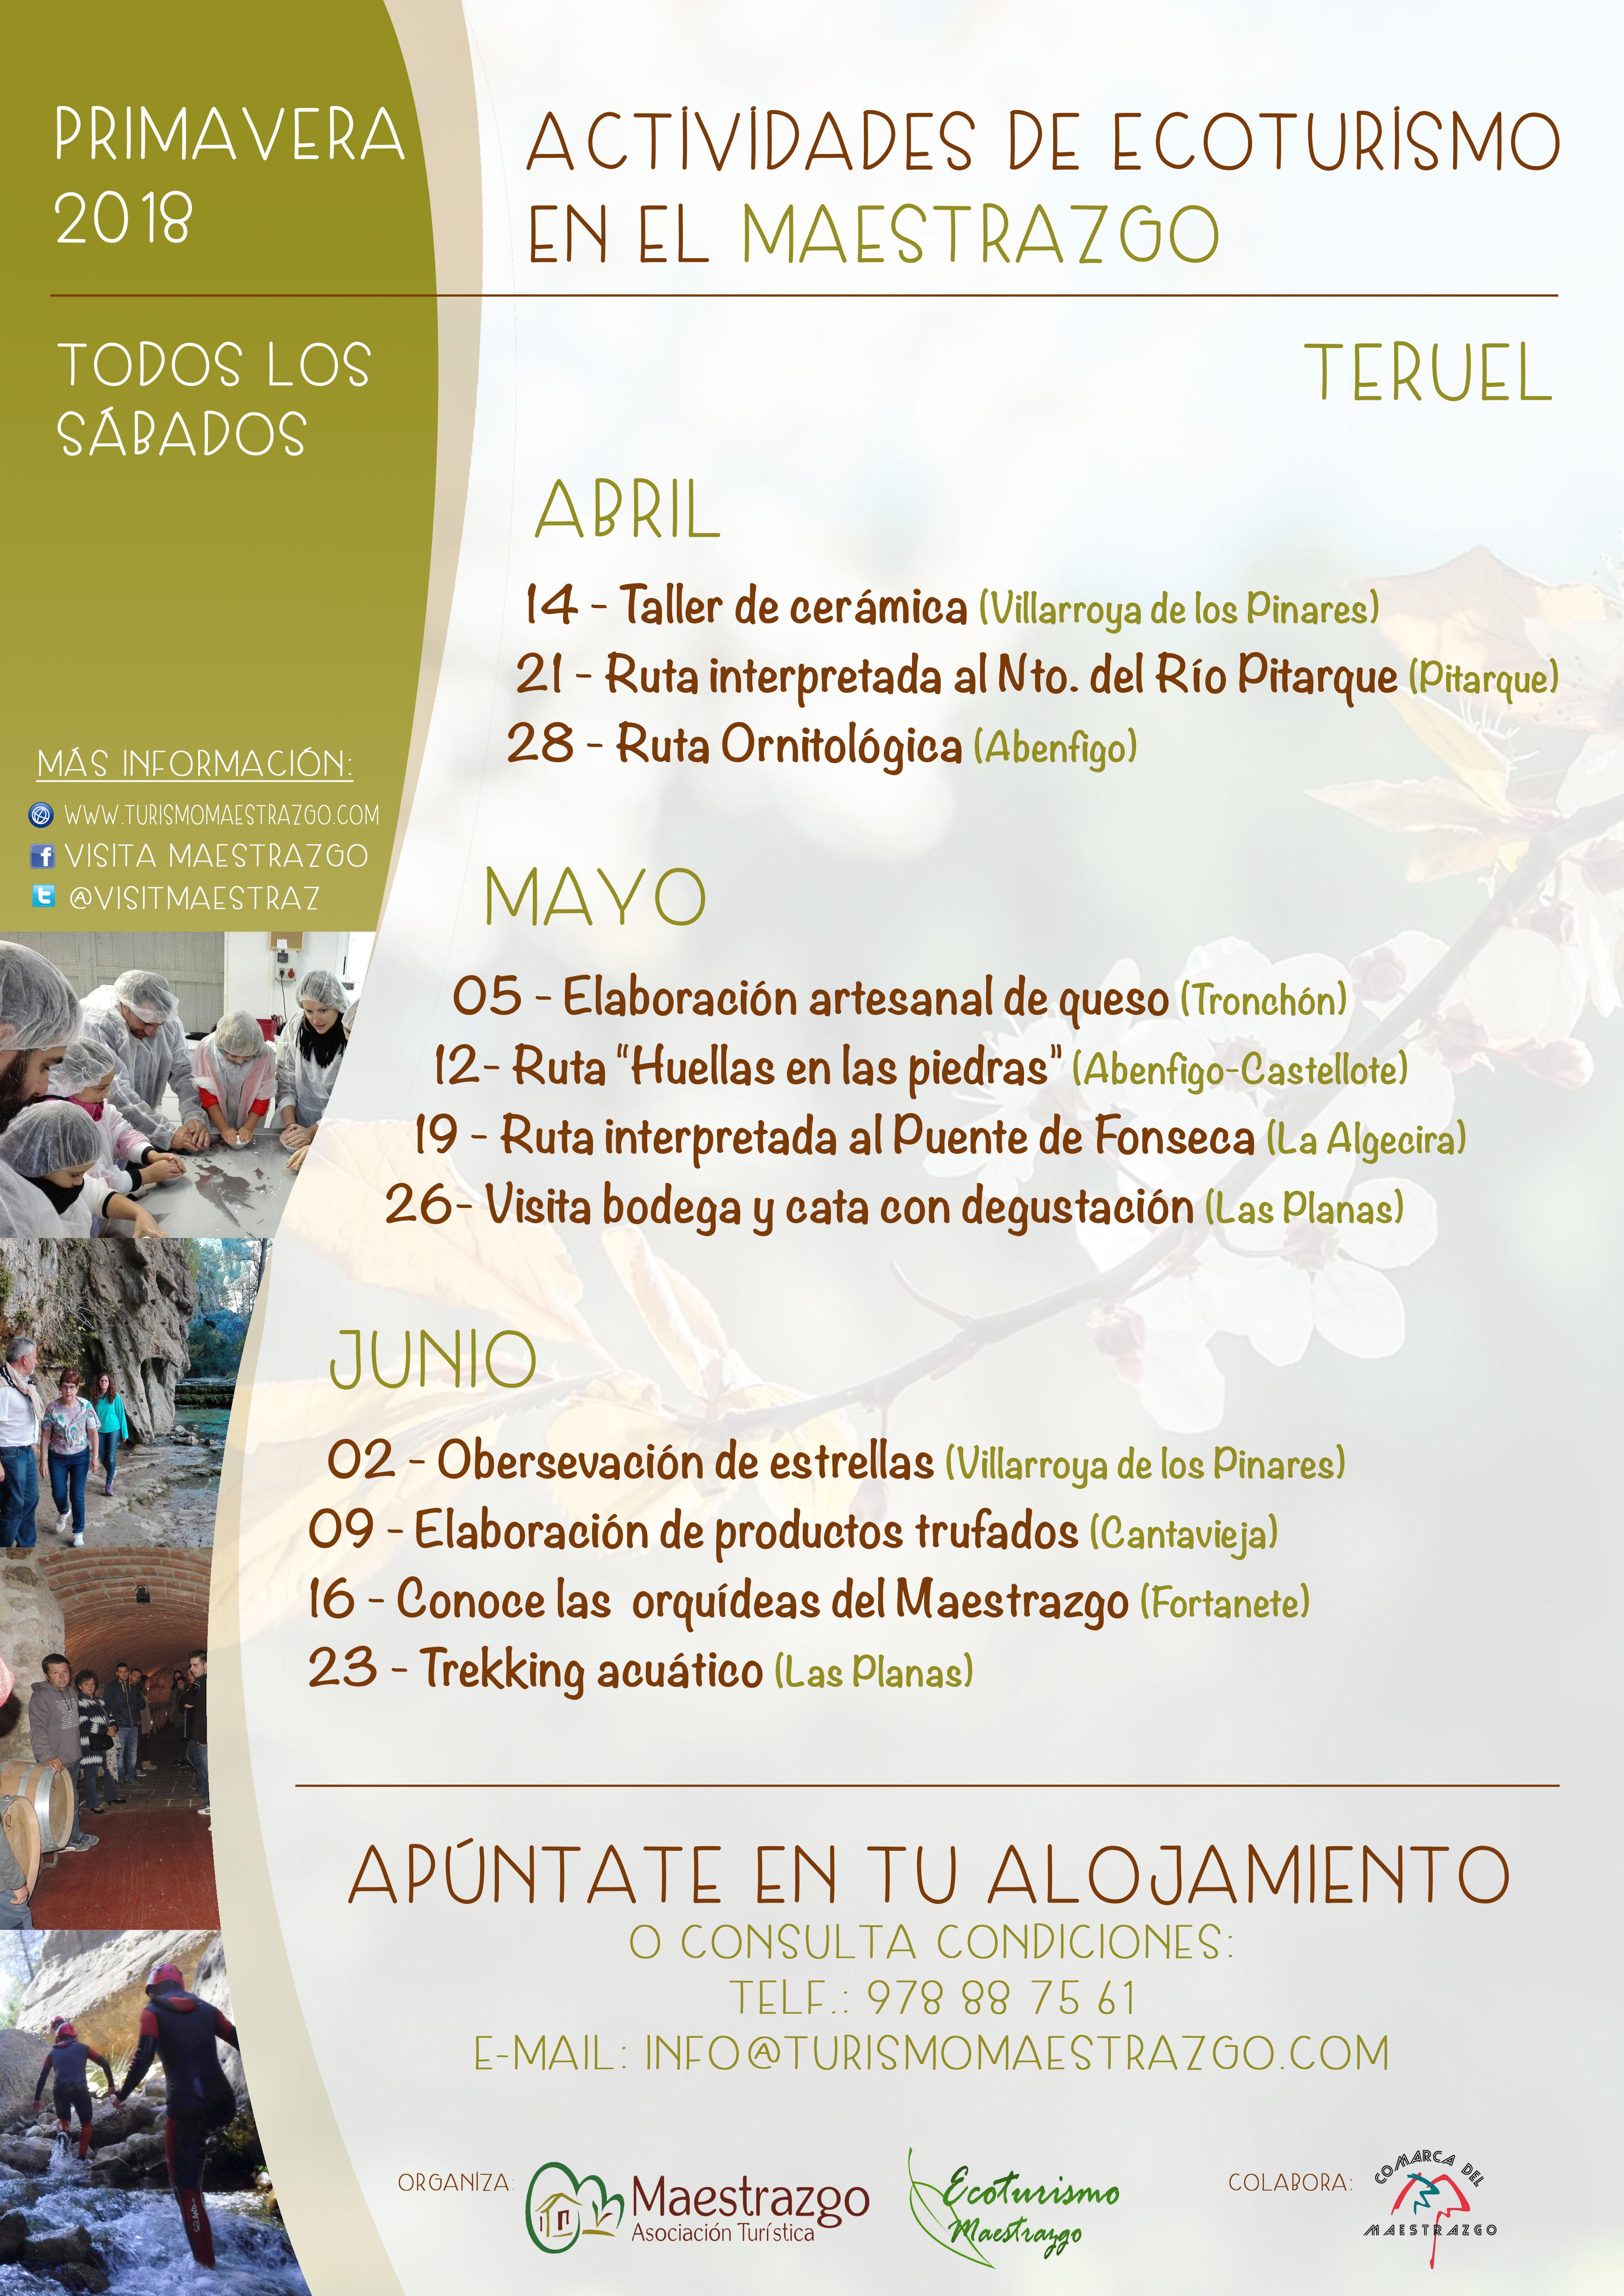 actividades eco primavera 2018